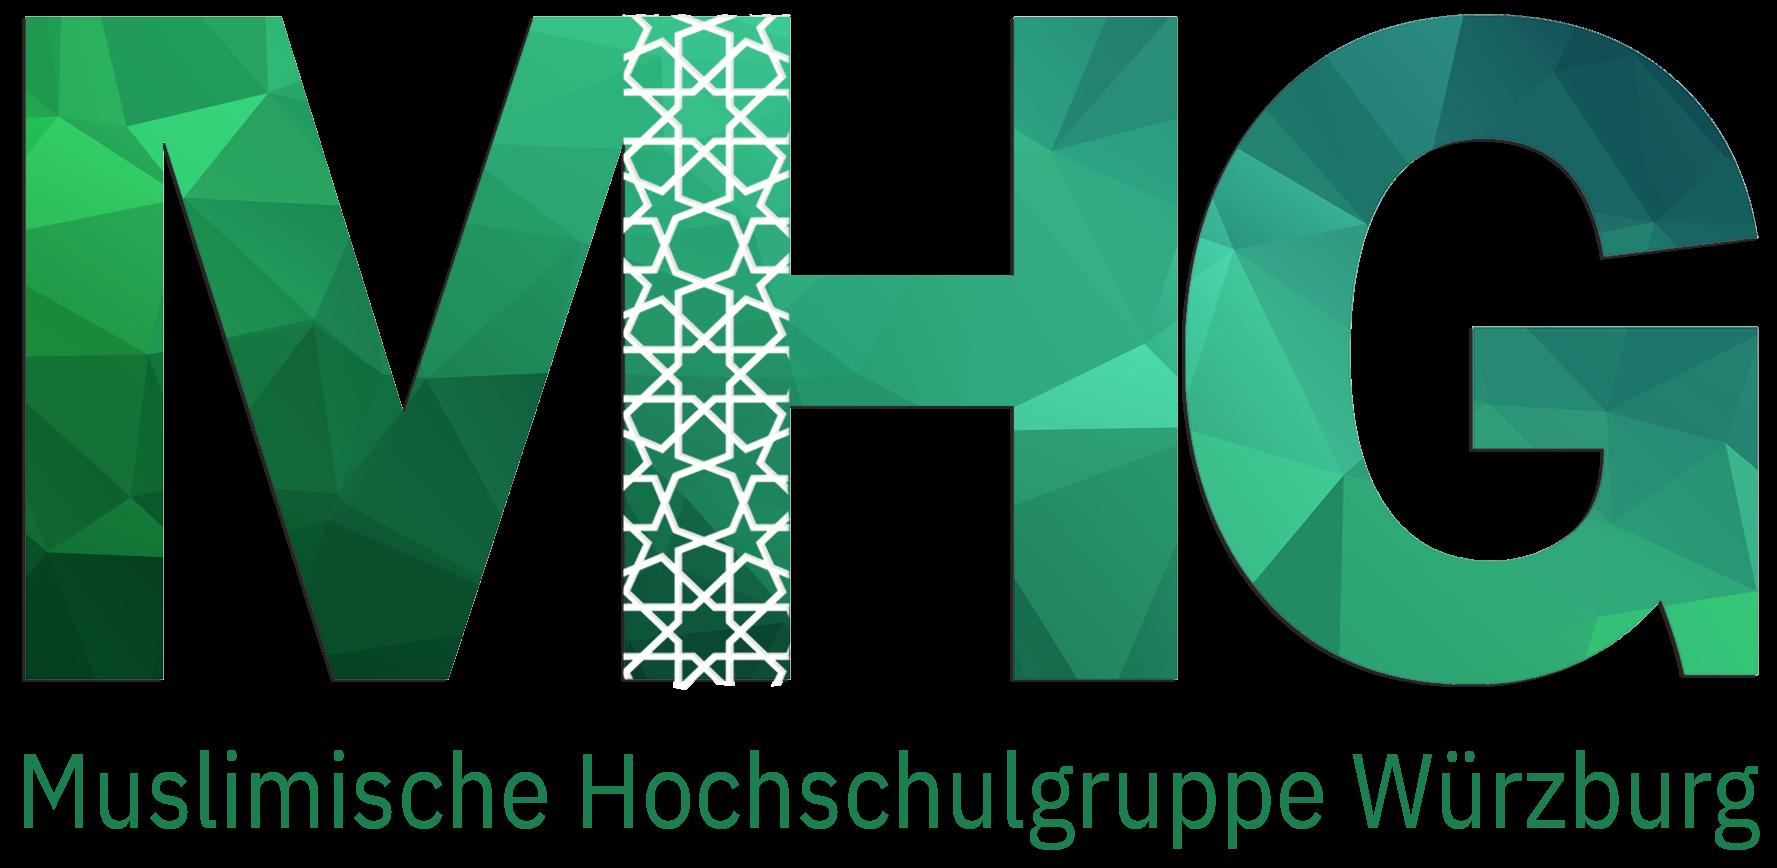 MHG Würzburg